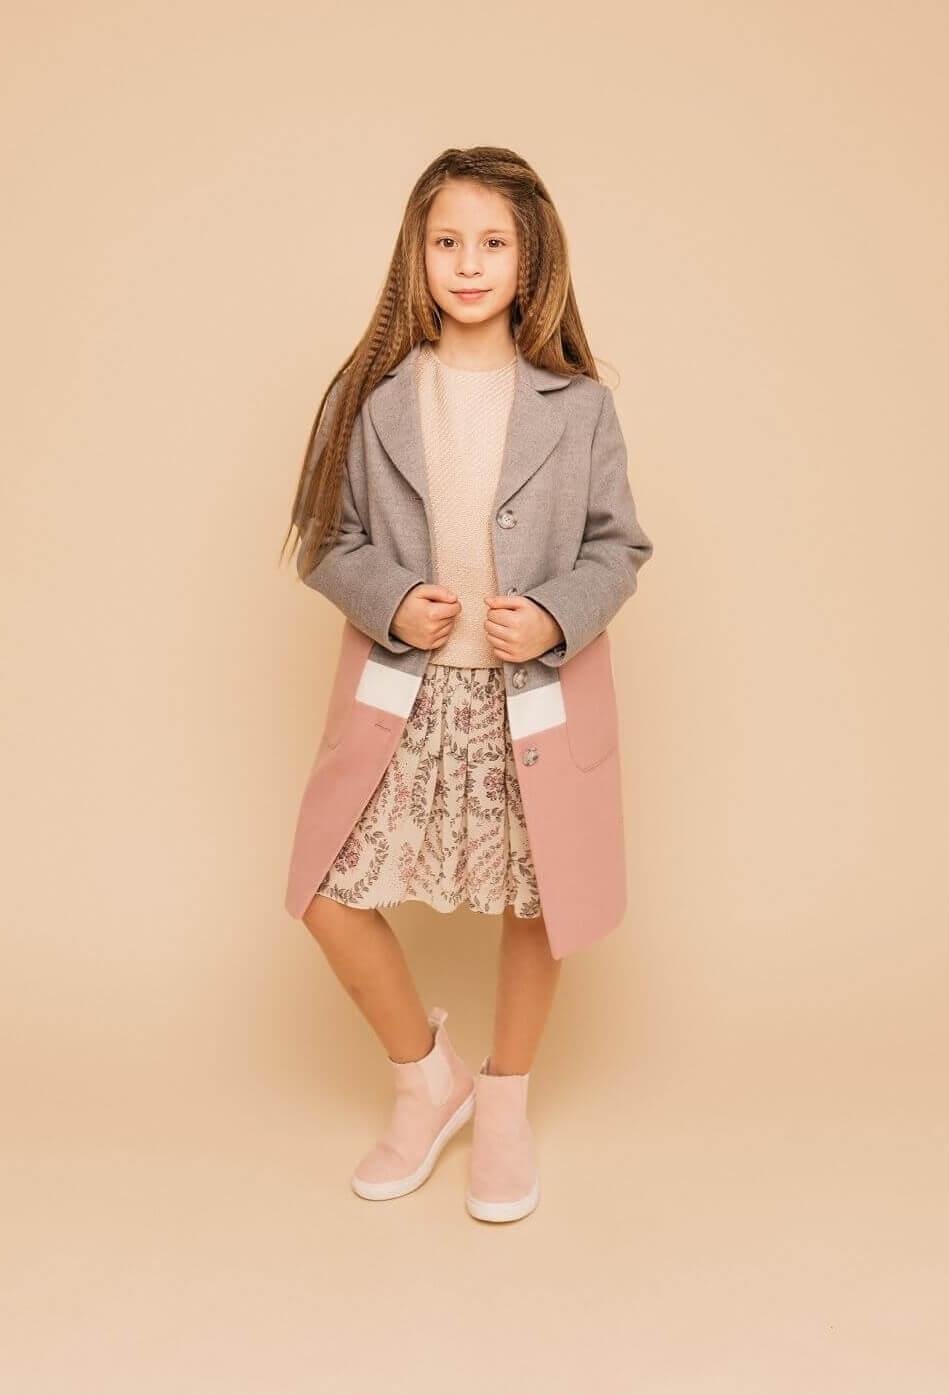 Бренд Malyna - очаровательные нарядные платья для девочек 215198311d974